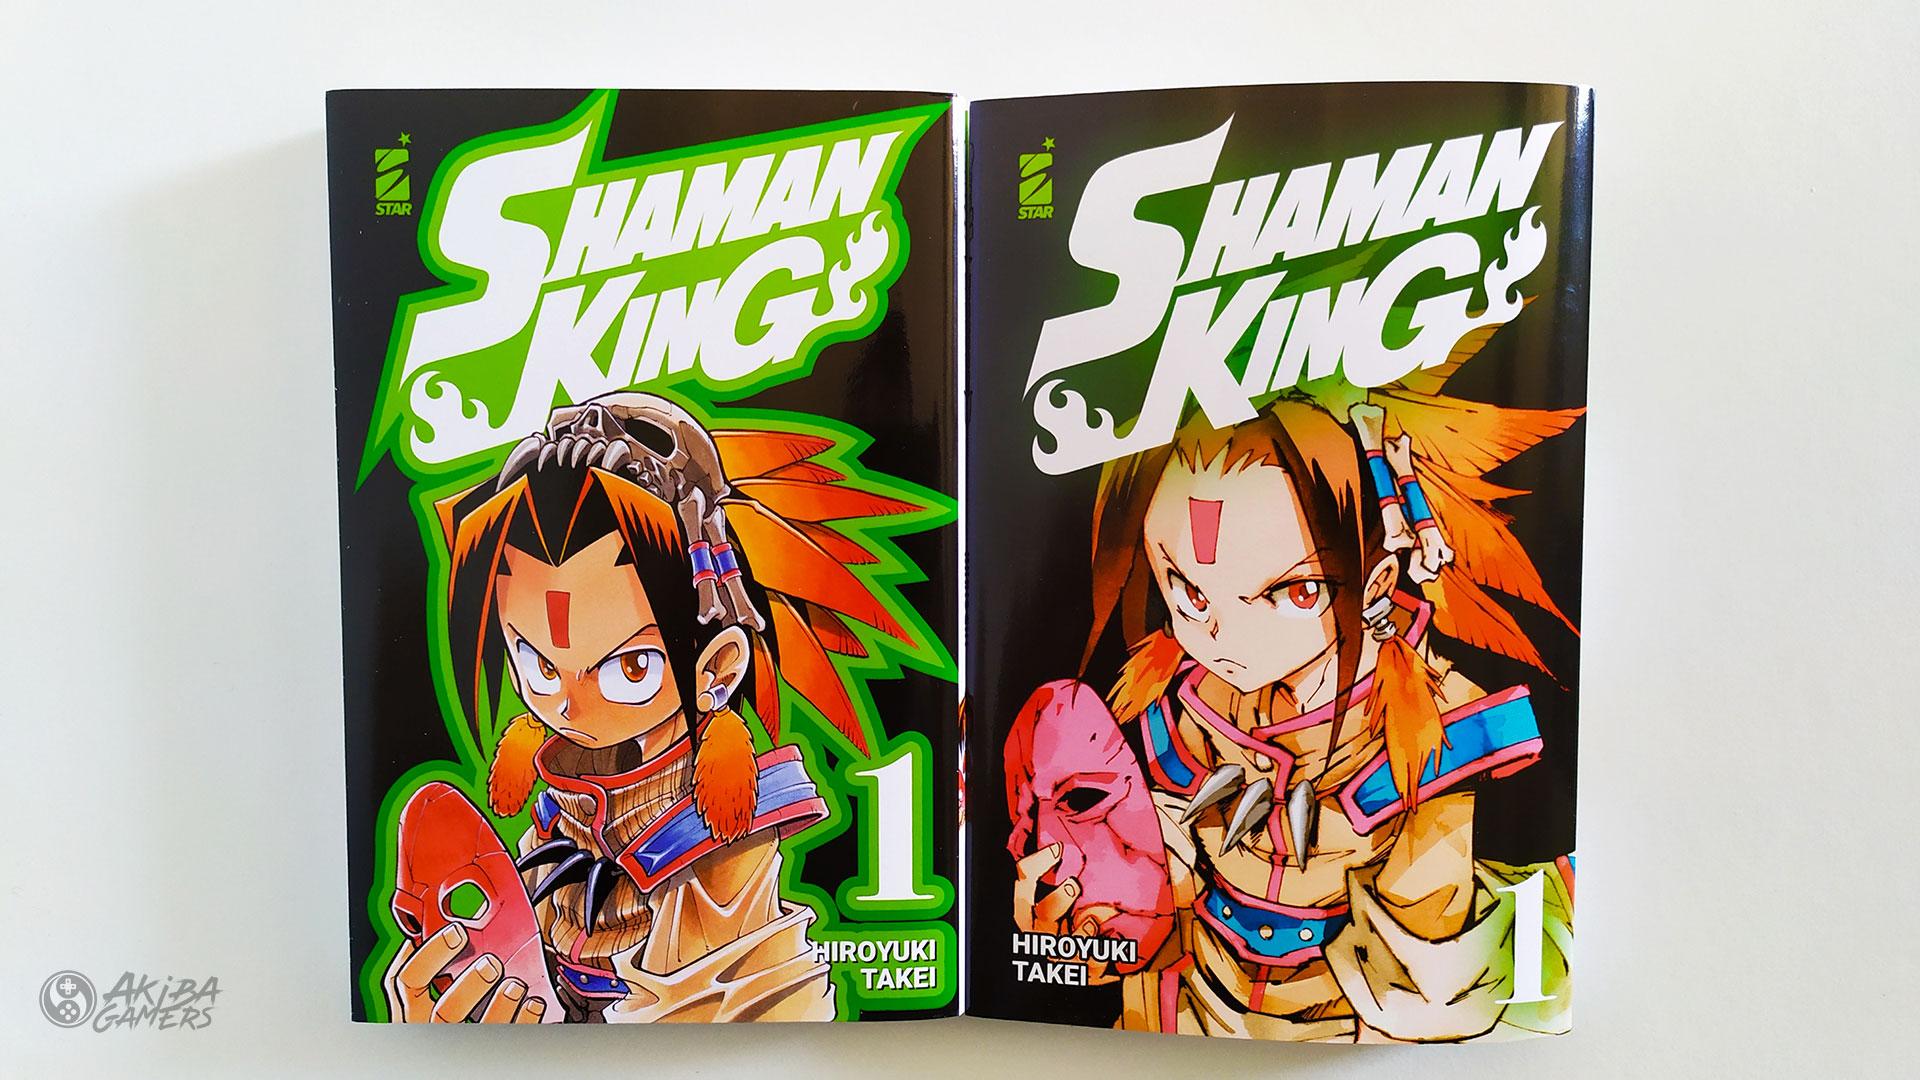 SHAMAN KING FINAL EDITION – Recensione del primo volume